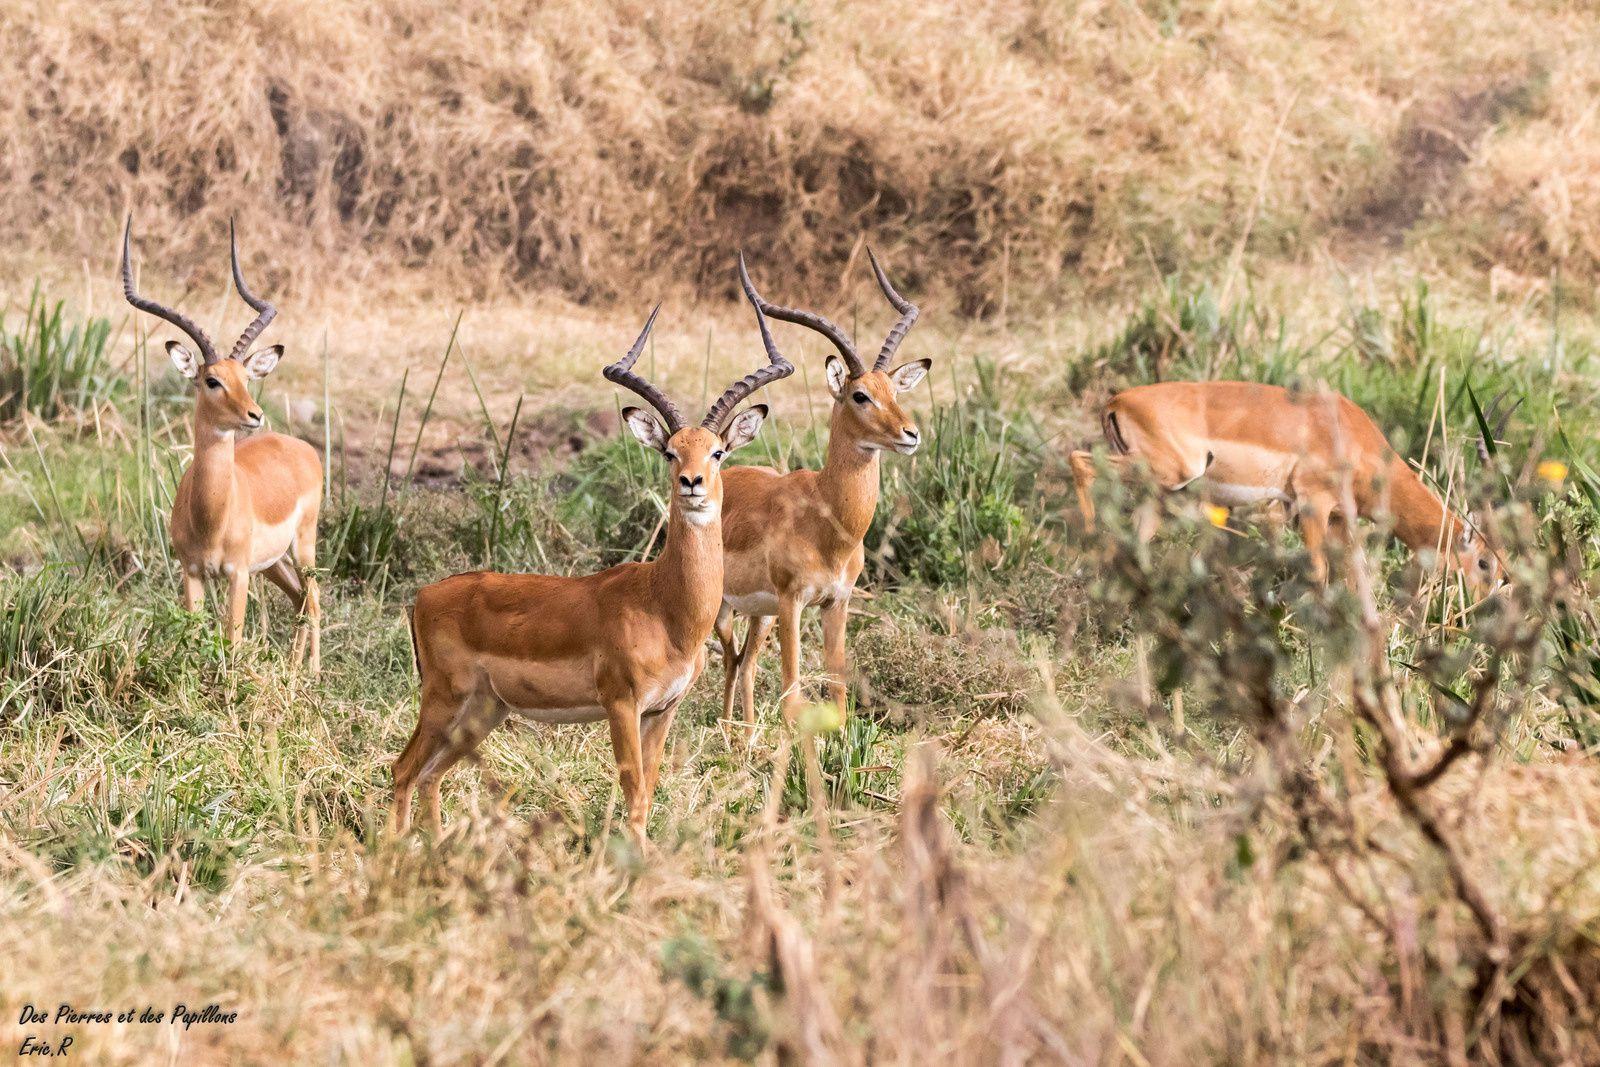 Des groupes d'impalas